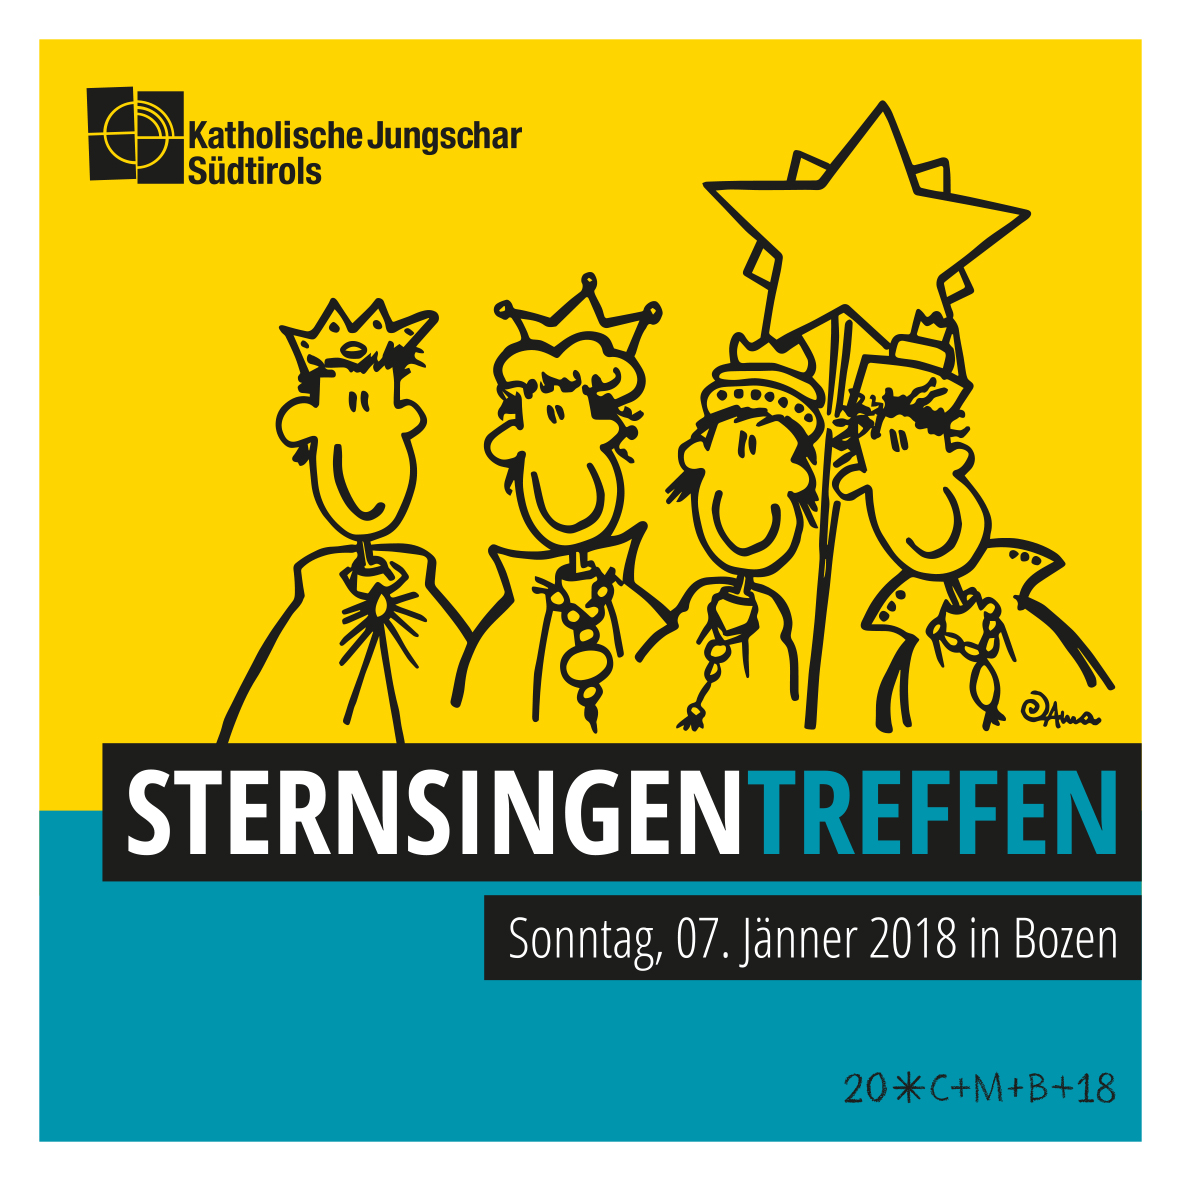 Sternsingentreffen 2018